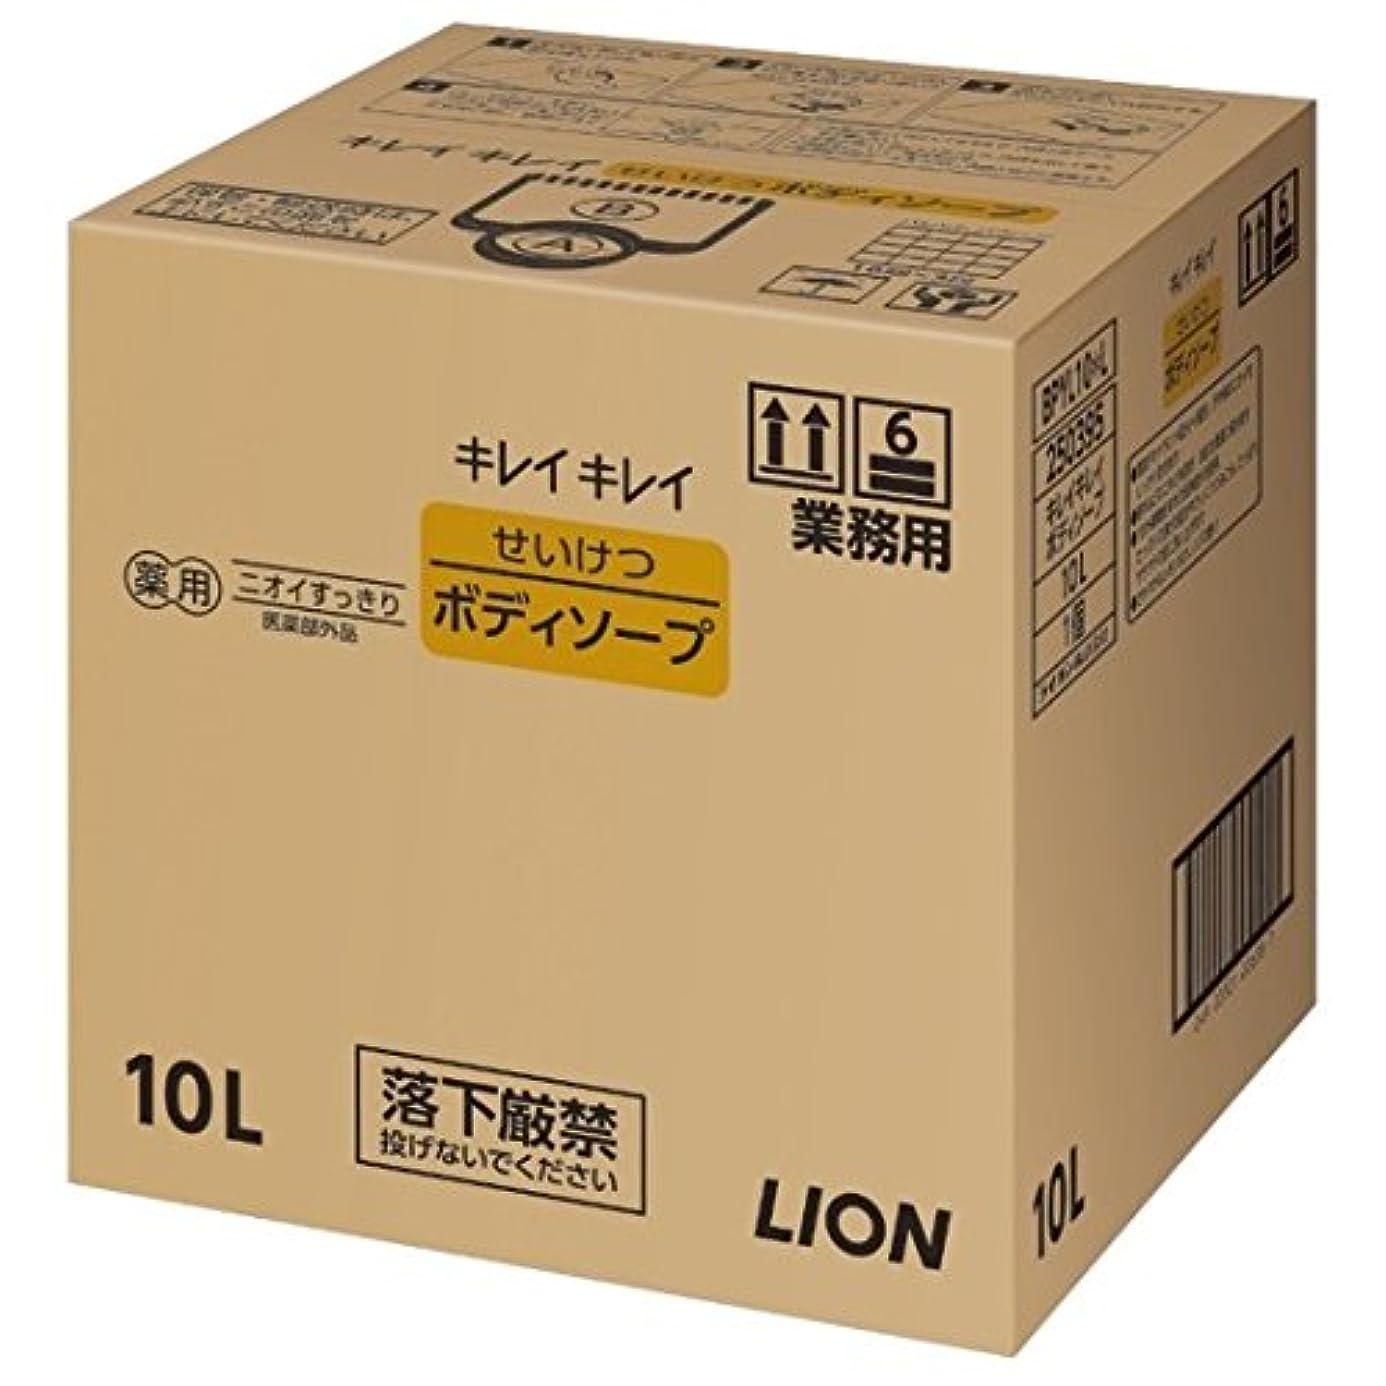 地上のジェット最愛のライオン 業務用 キレイキレイ せいけつボディソープ 10L